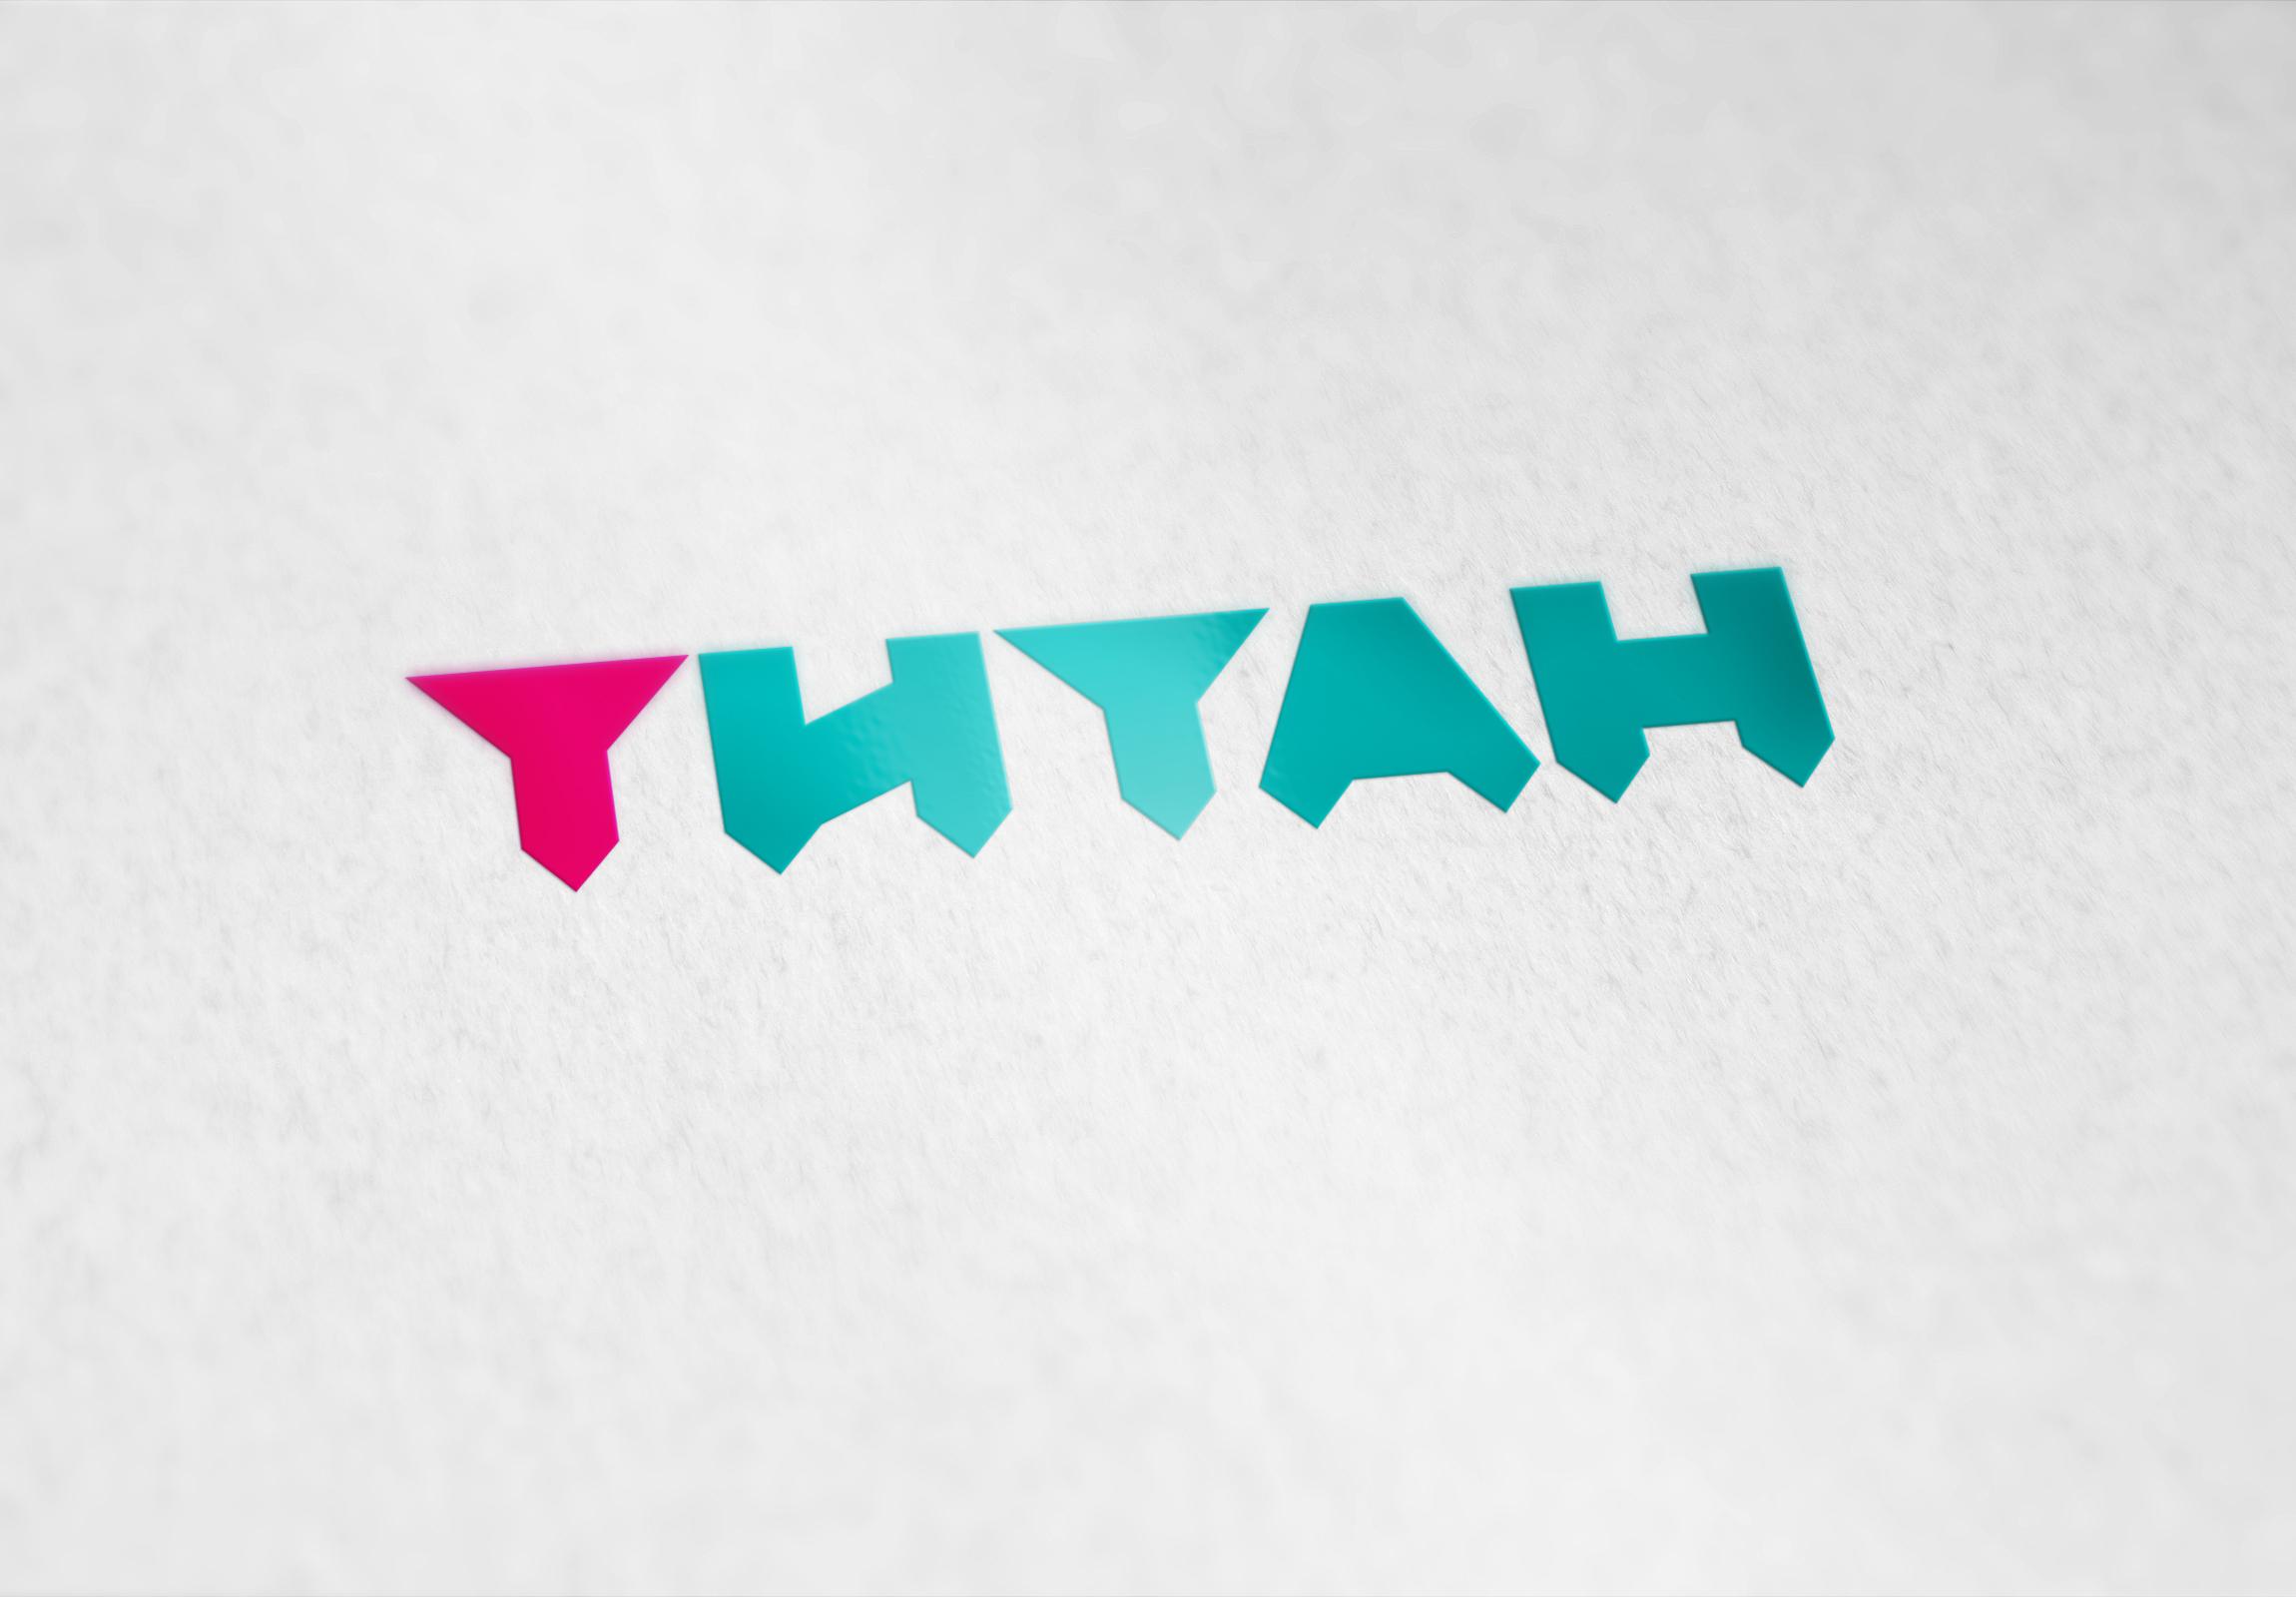 Разработка логотипа (срочно) фото f_3725d4af96c857c7.jpg